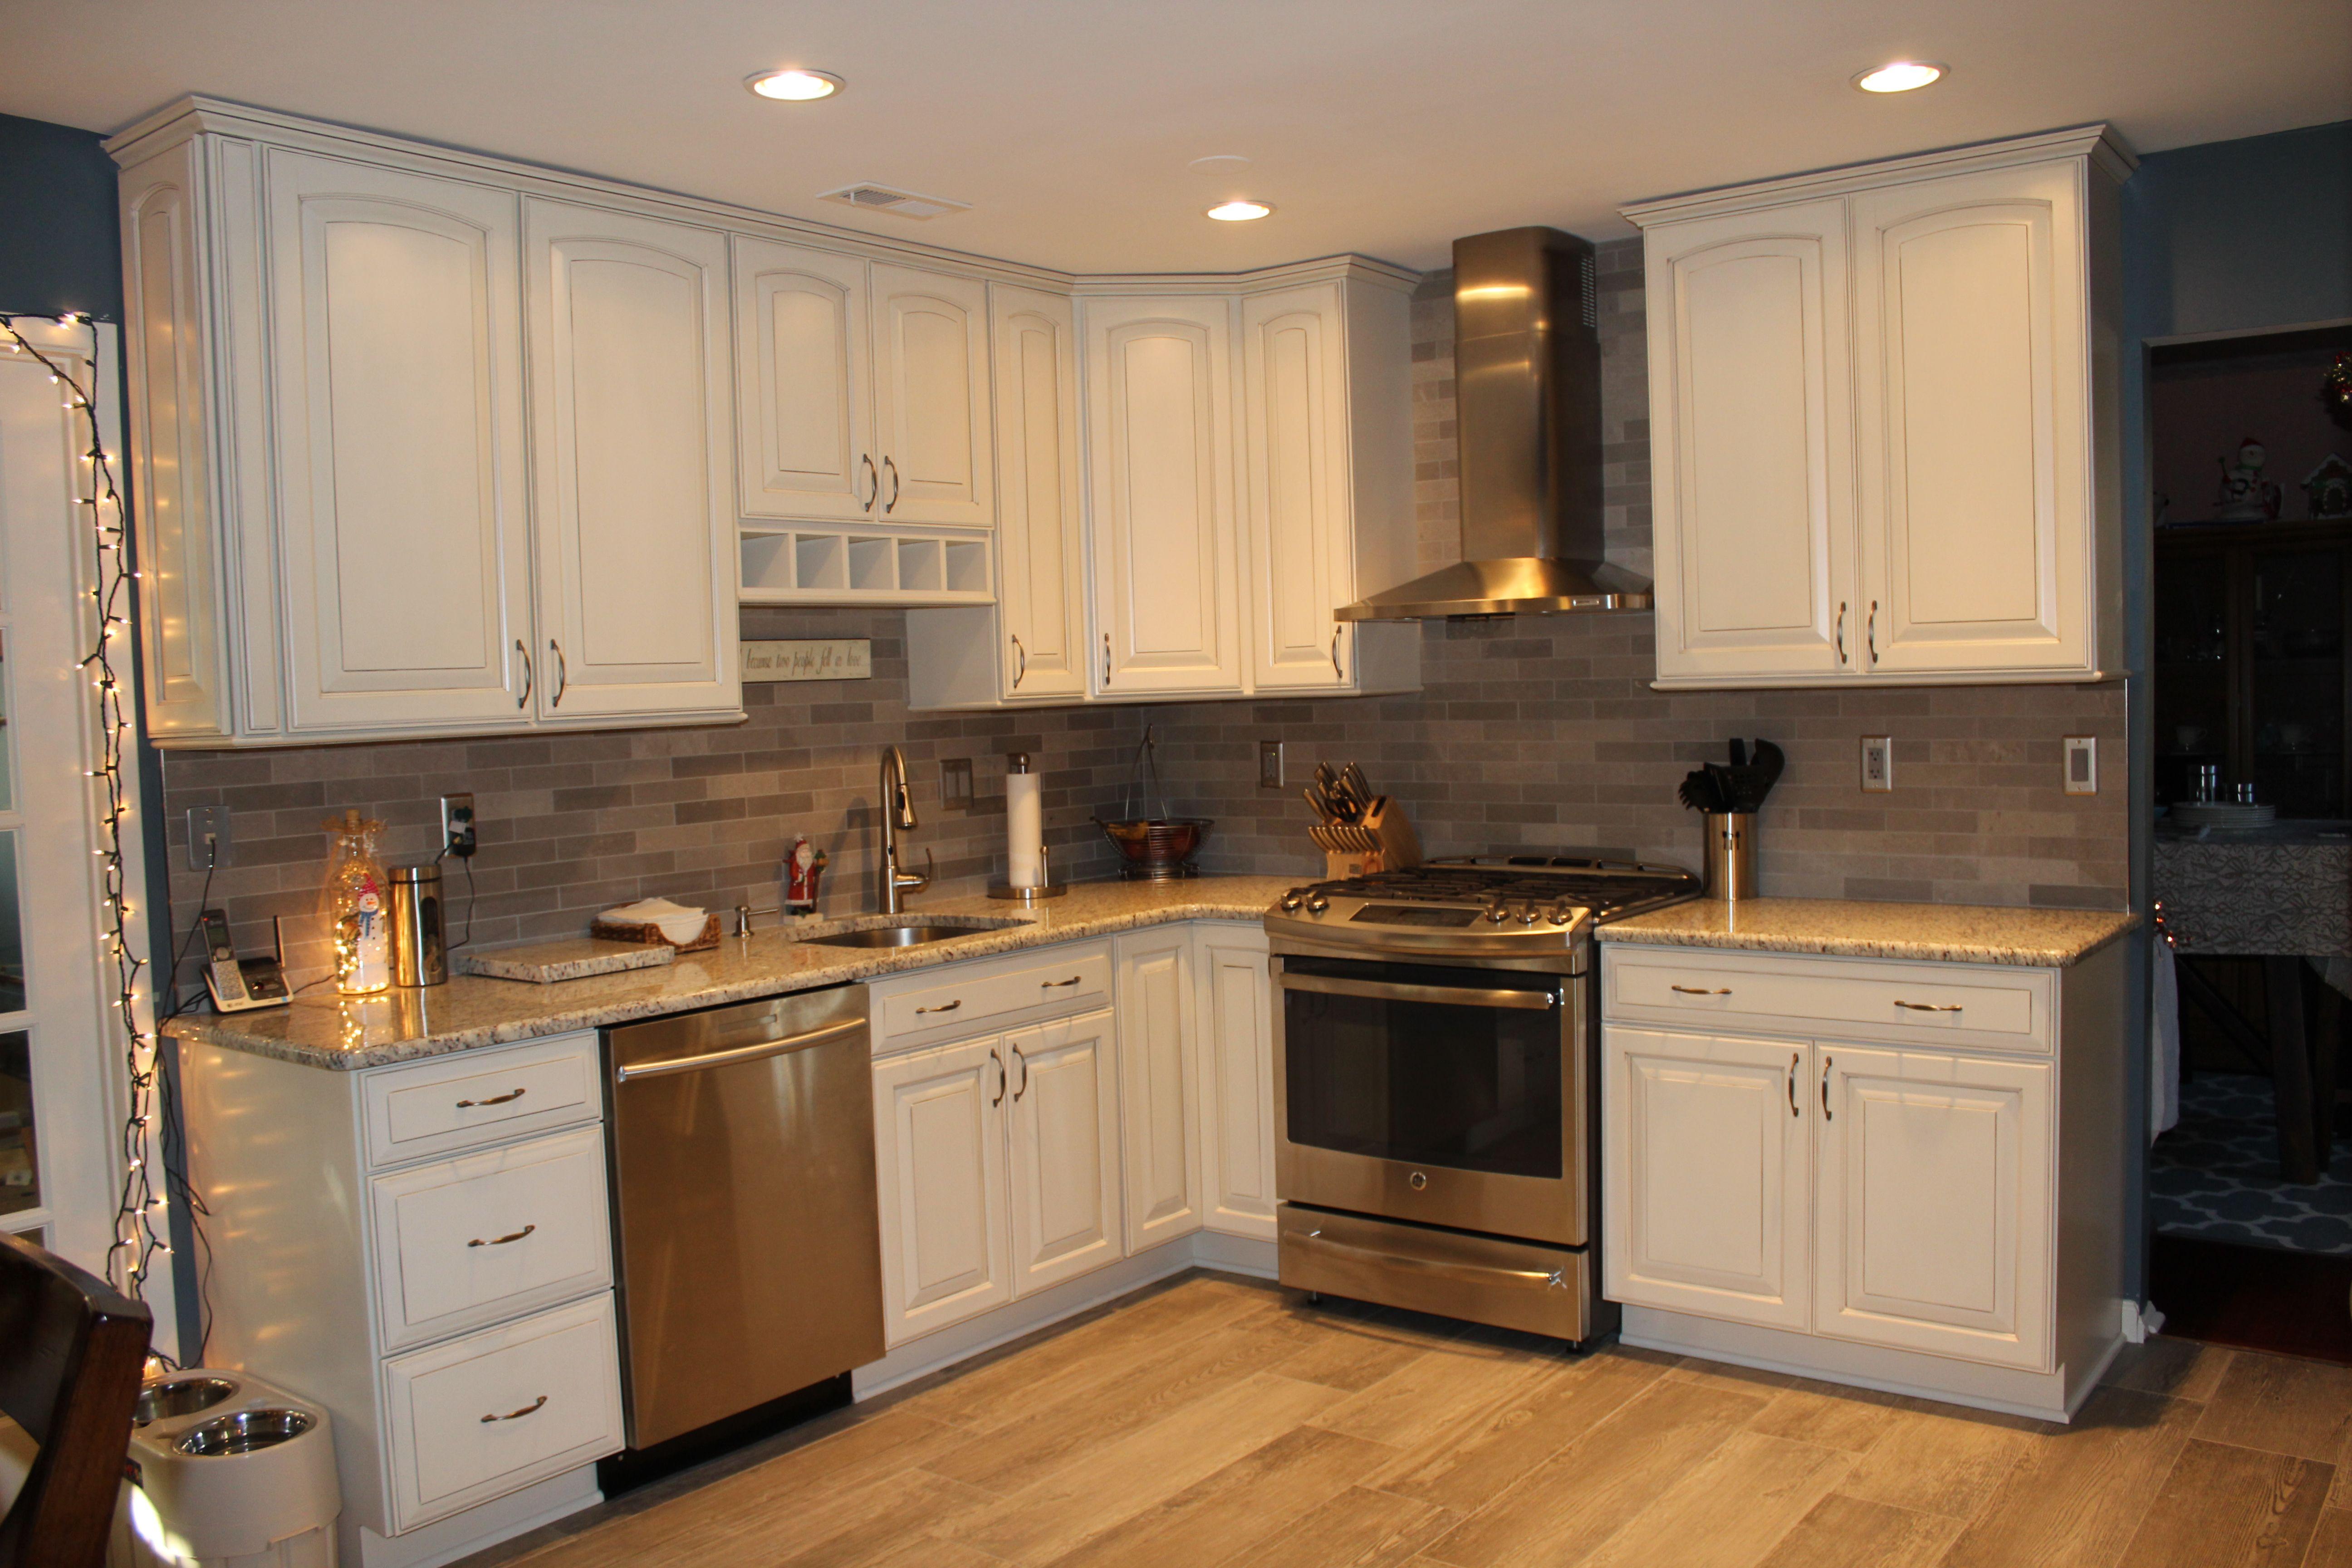 White Kitchen Grey Stone Backsplash Novocom Top